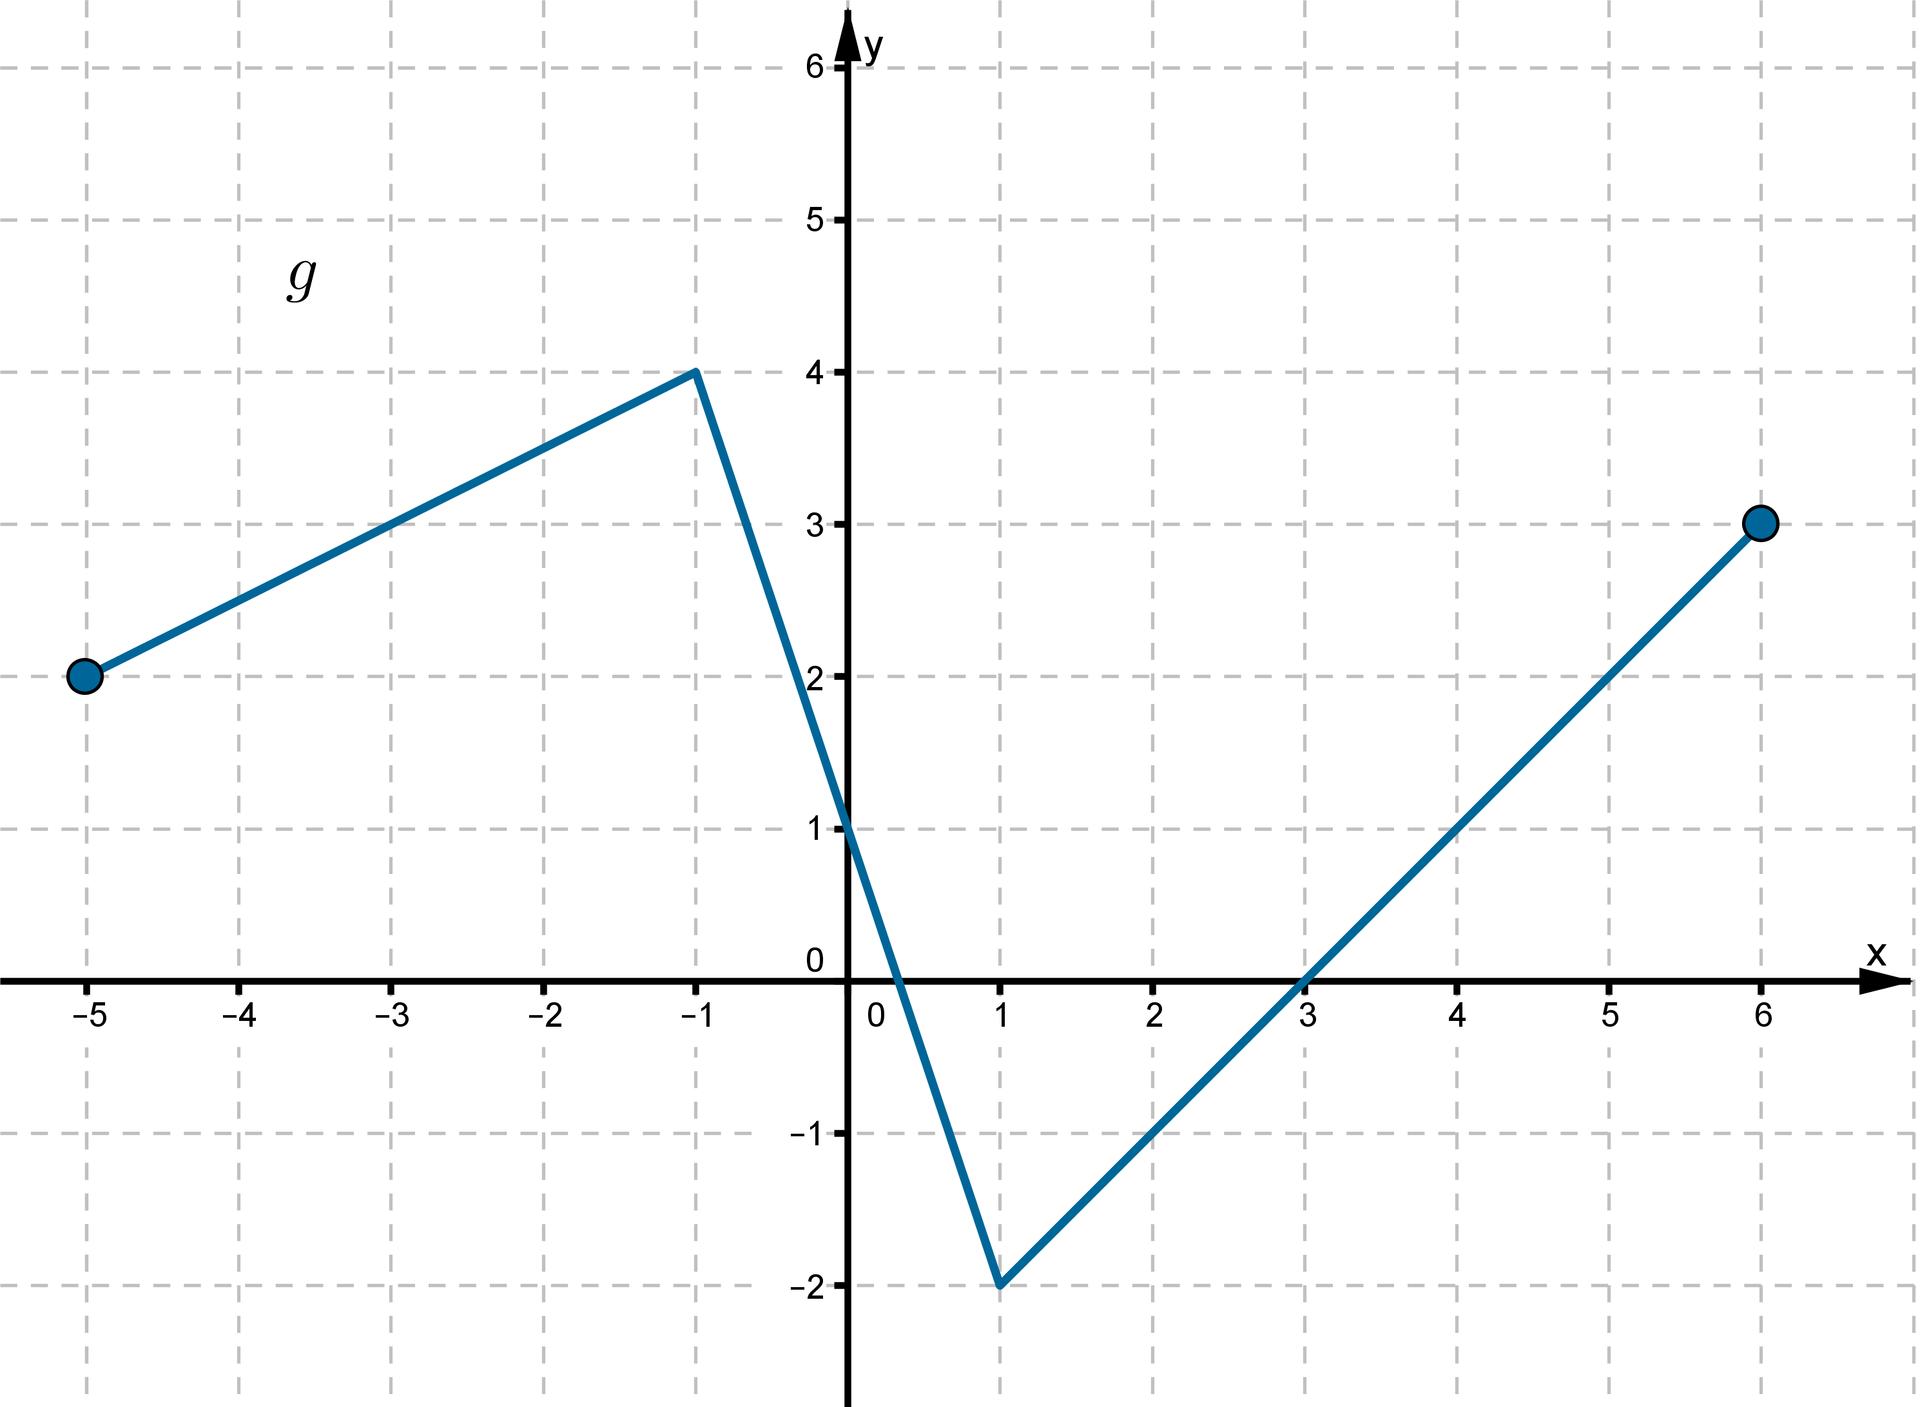 Wykres funkcji wpostaci łamanej złożonej ztrzech odcinków leżącej wpierwszej, drugiej iczwartej ćwiartce układu współrzędnych. Dziedziną funkcji jest przedział obustronnie domknięty od -5 do 6. Punkty owspółrzędnych (-5, 2), (-1, 4), (0, 1), (1, -2), (3, 0), (6, 3) należą do wykresu funkcji.